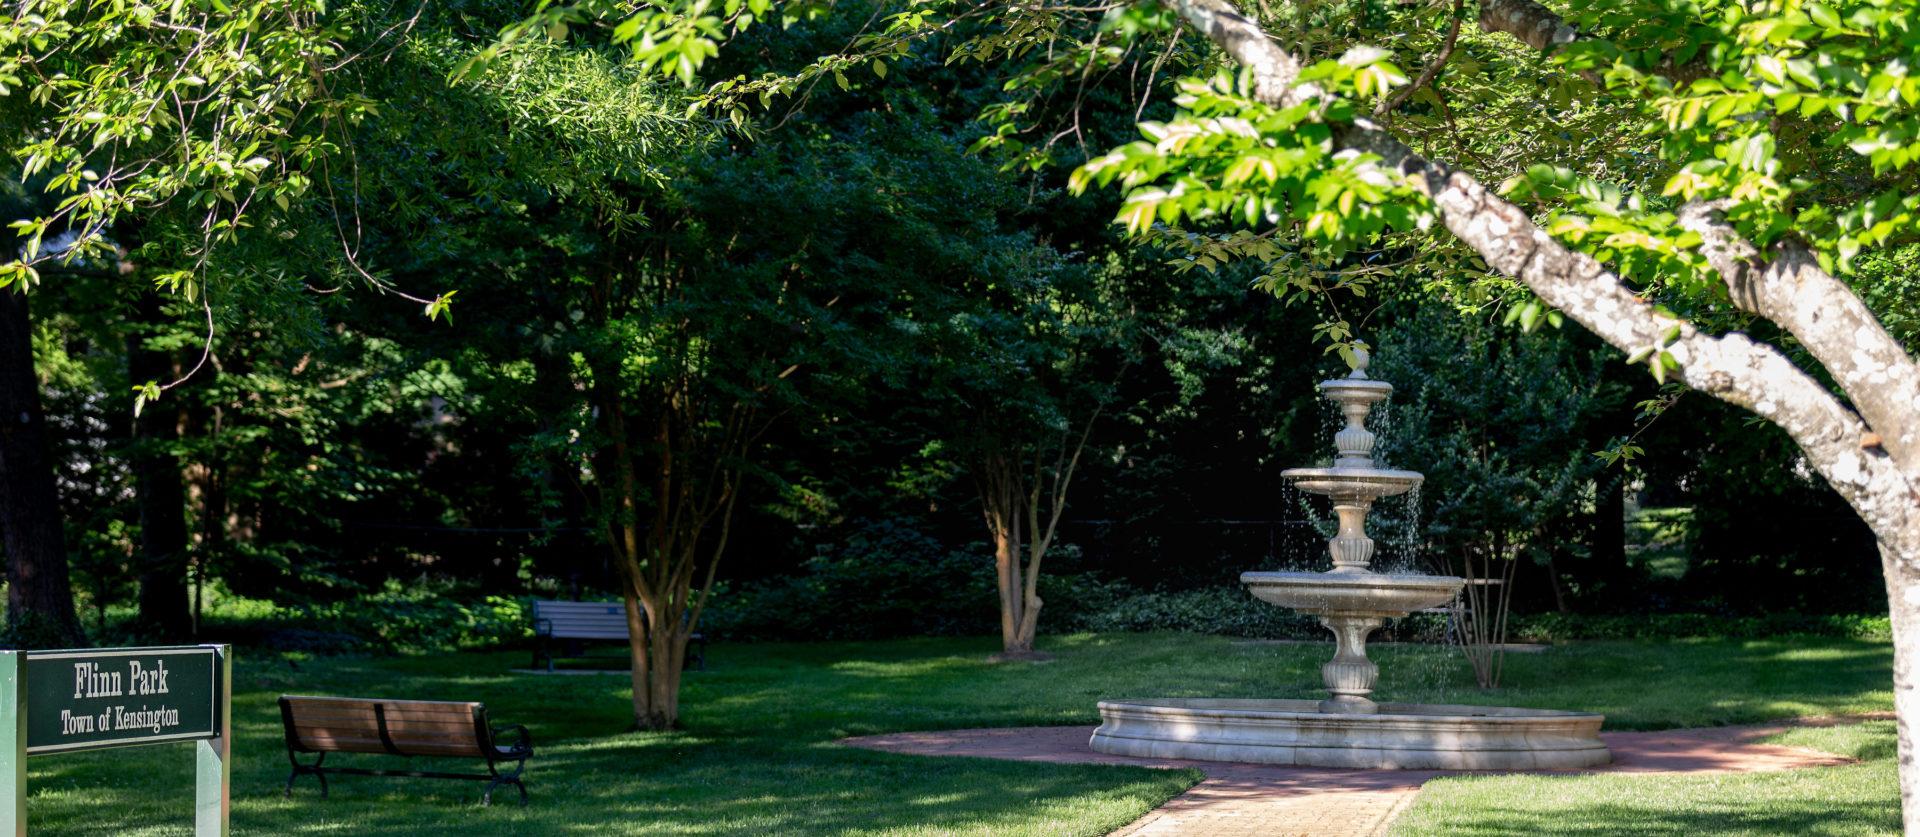 IMG_7453 - Flinn Park Fountain